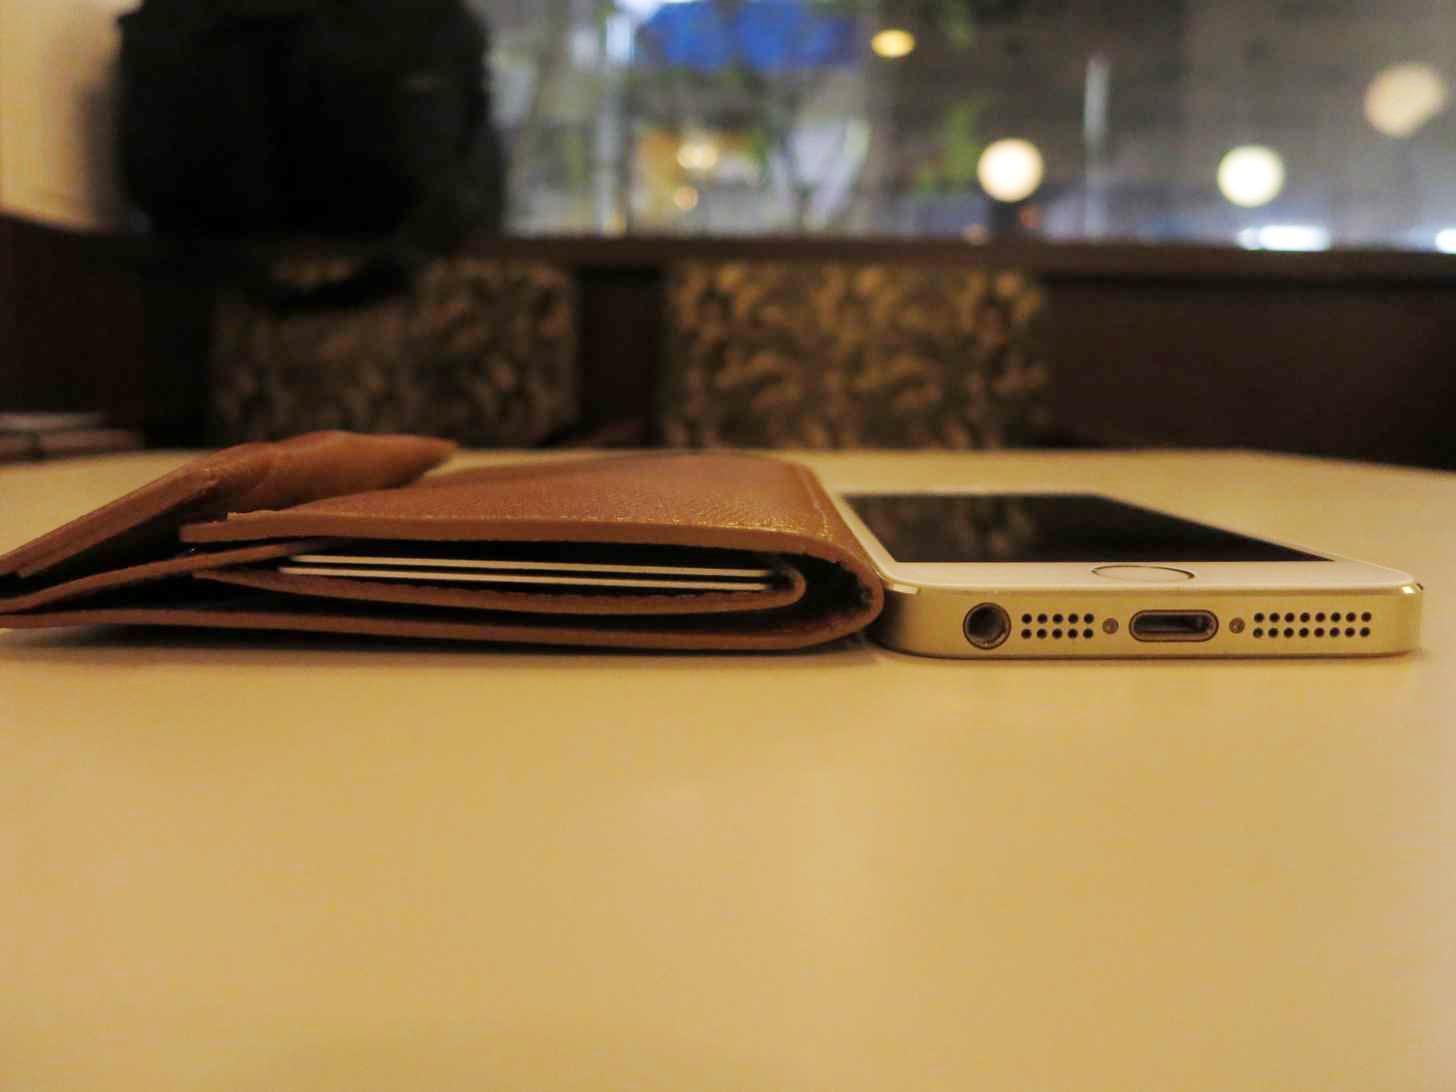 薄い財布の厚さをiPhoneと比較してみた